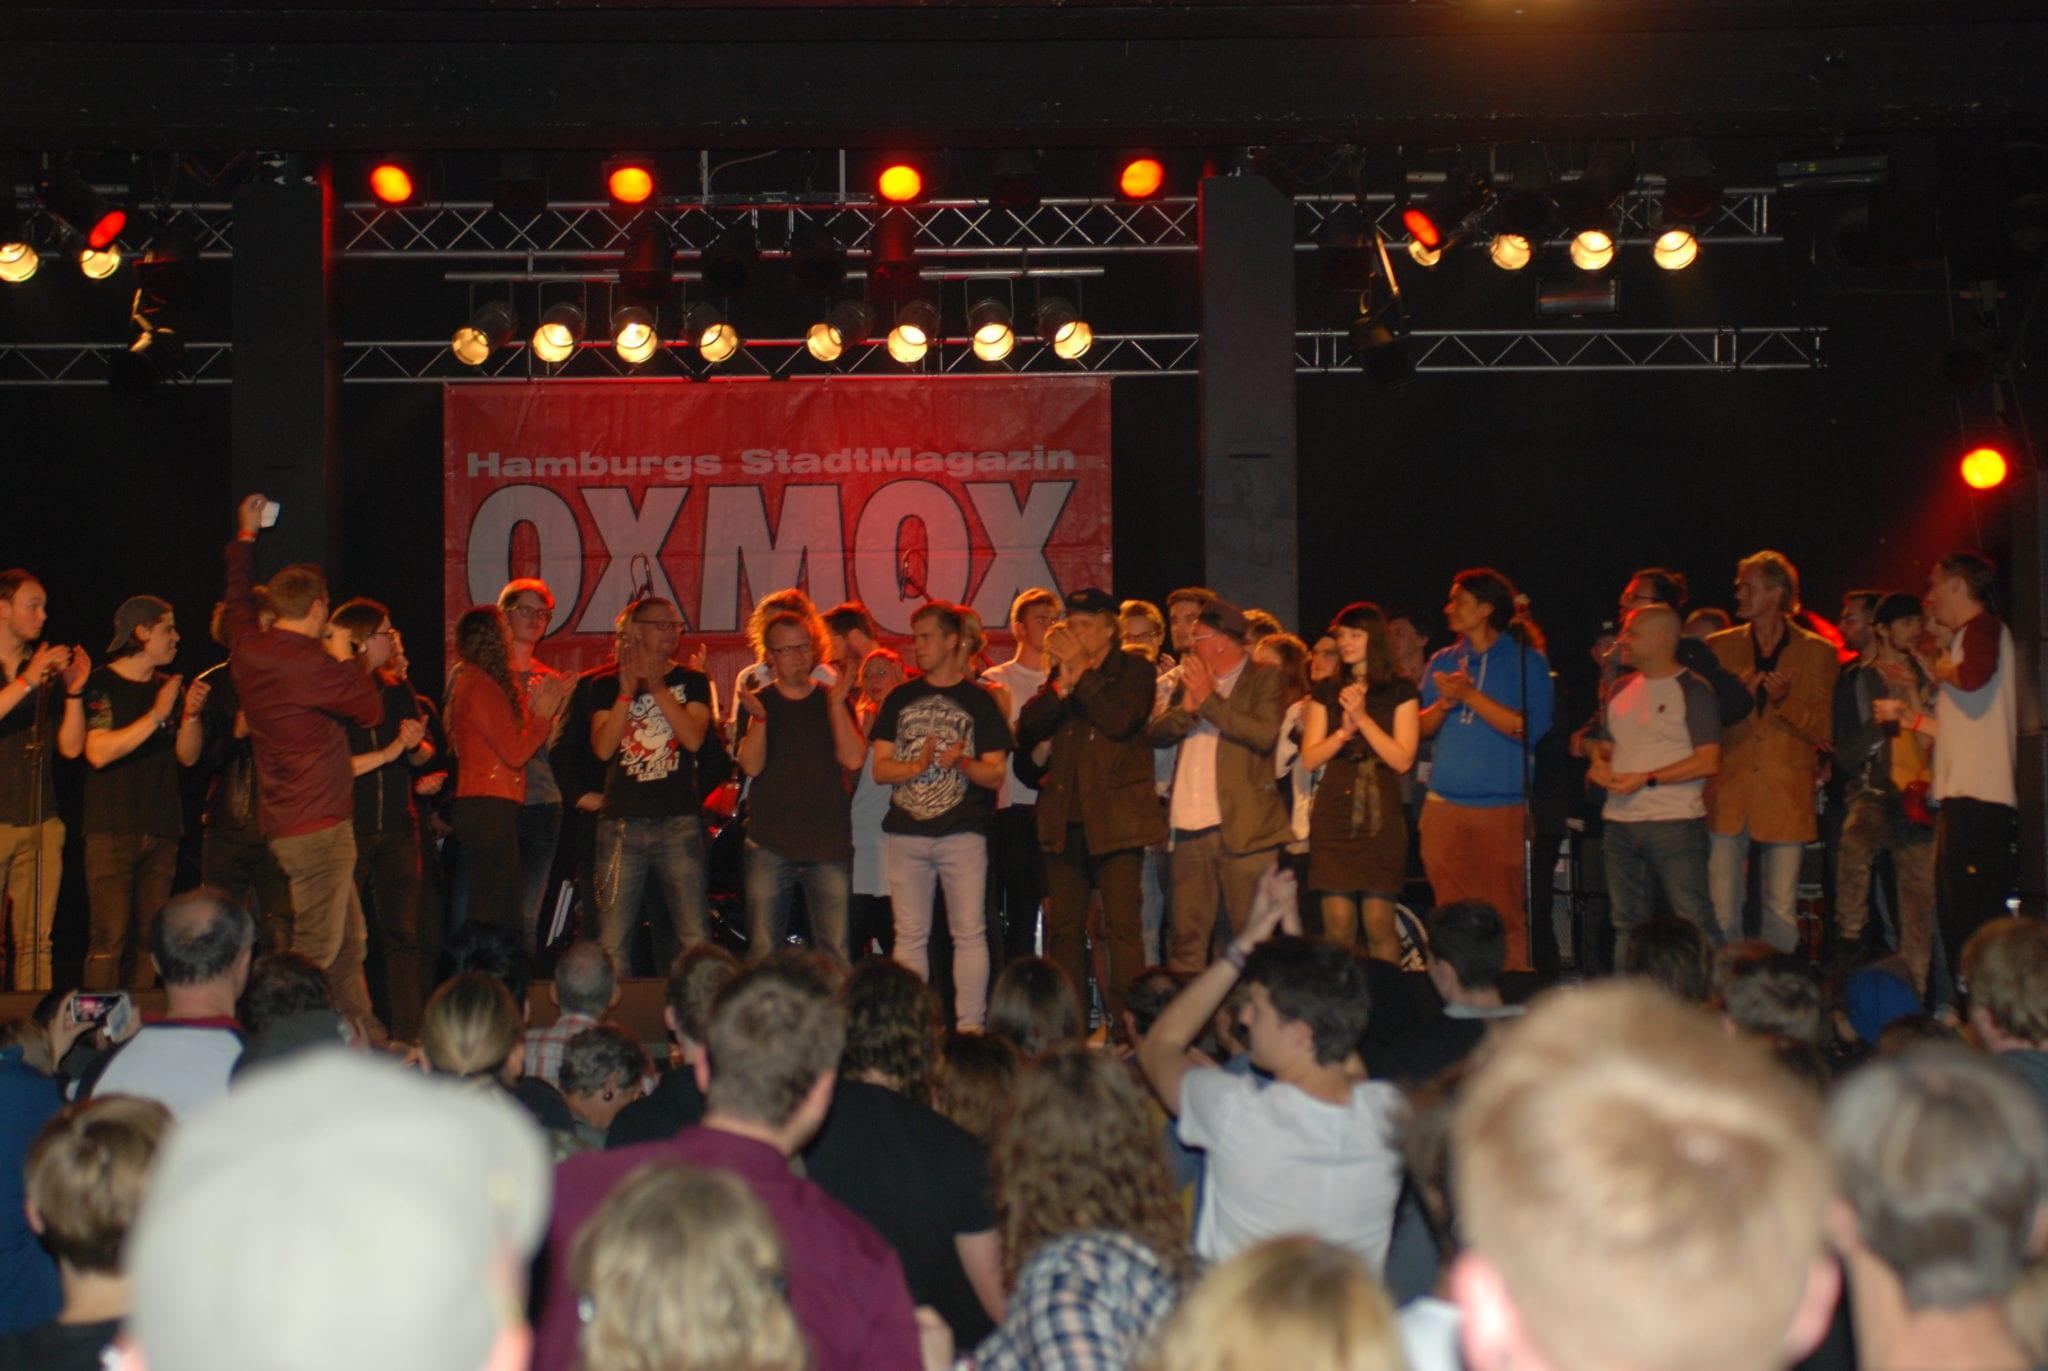 DSC 6590 - Fotos vom HAMBURG-BANDCONTEST Finale (02.10.18, Grosse Freiheit 36)